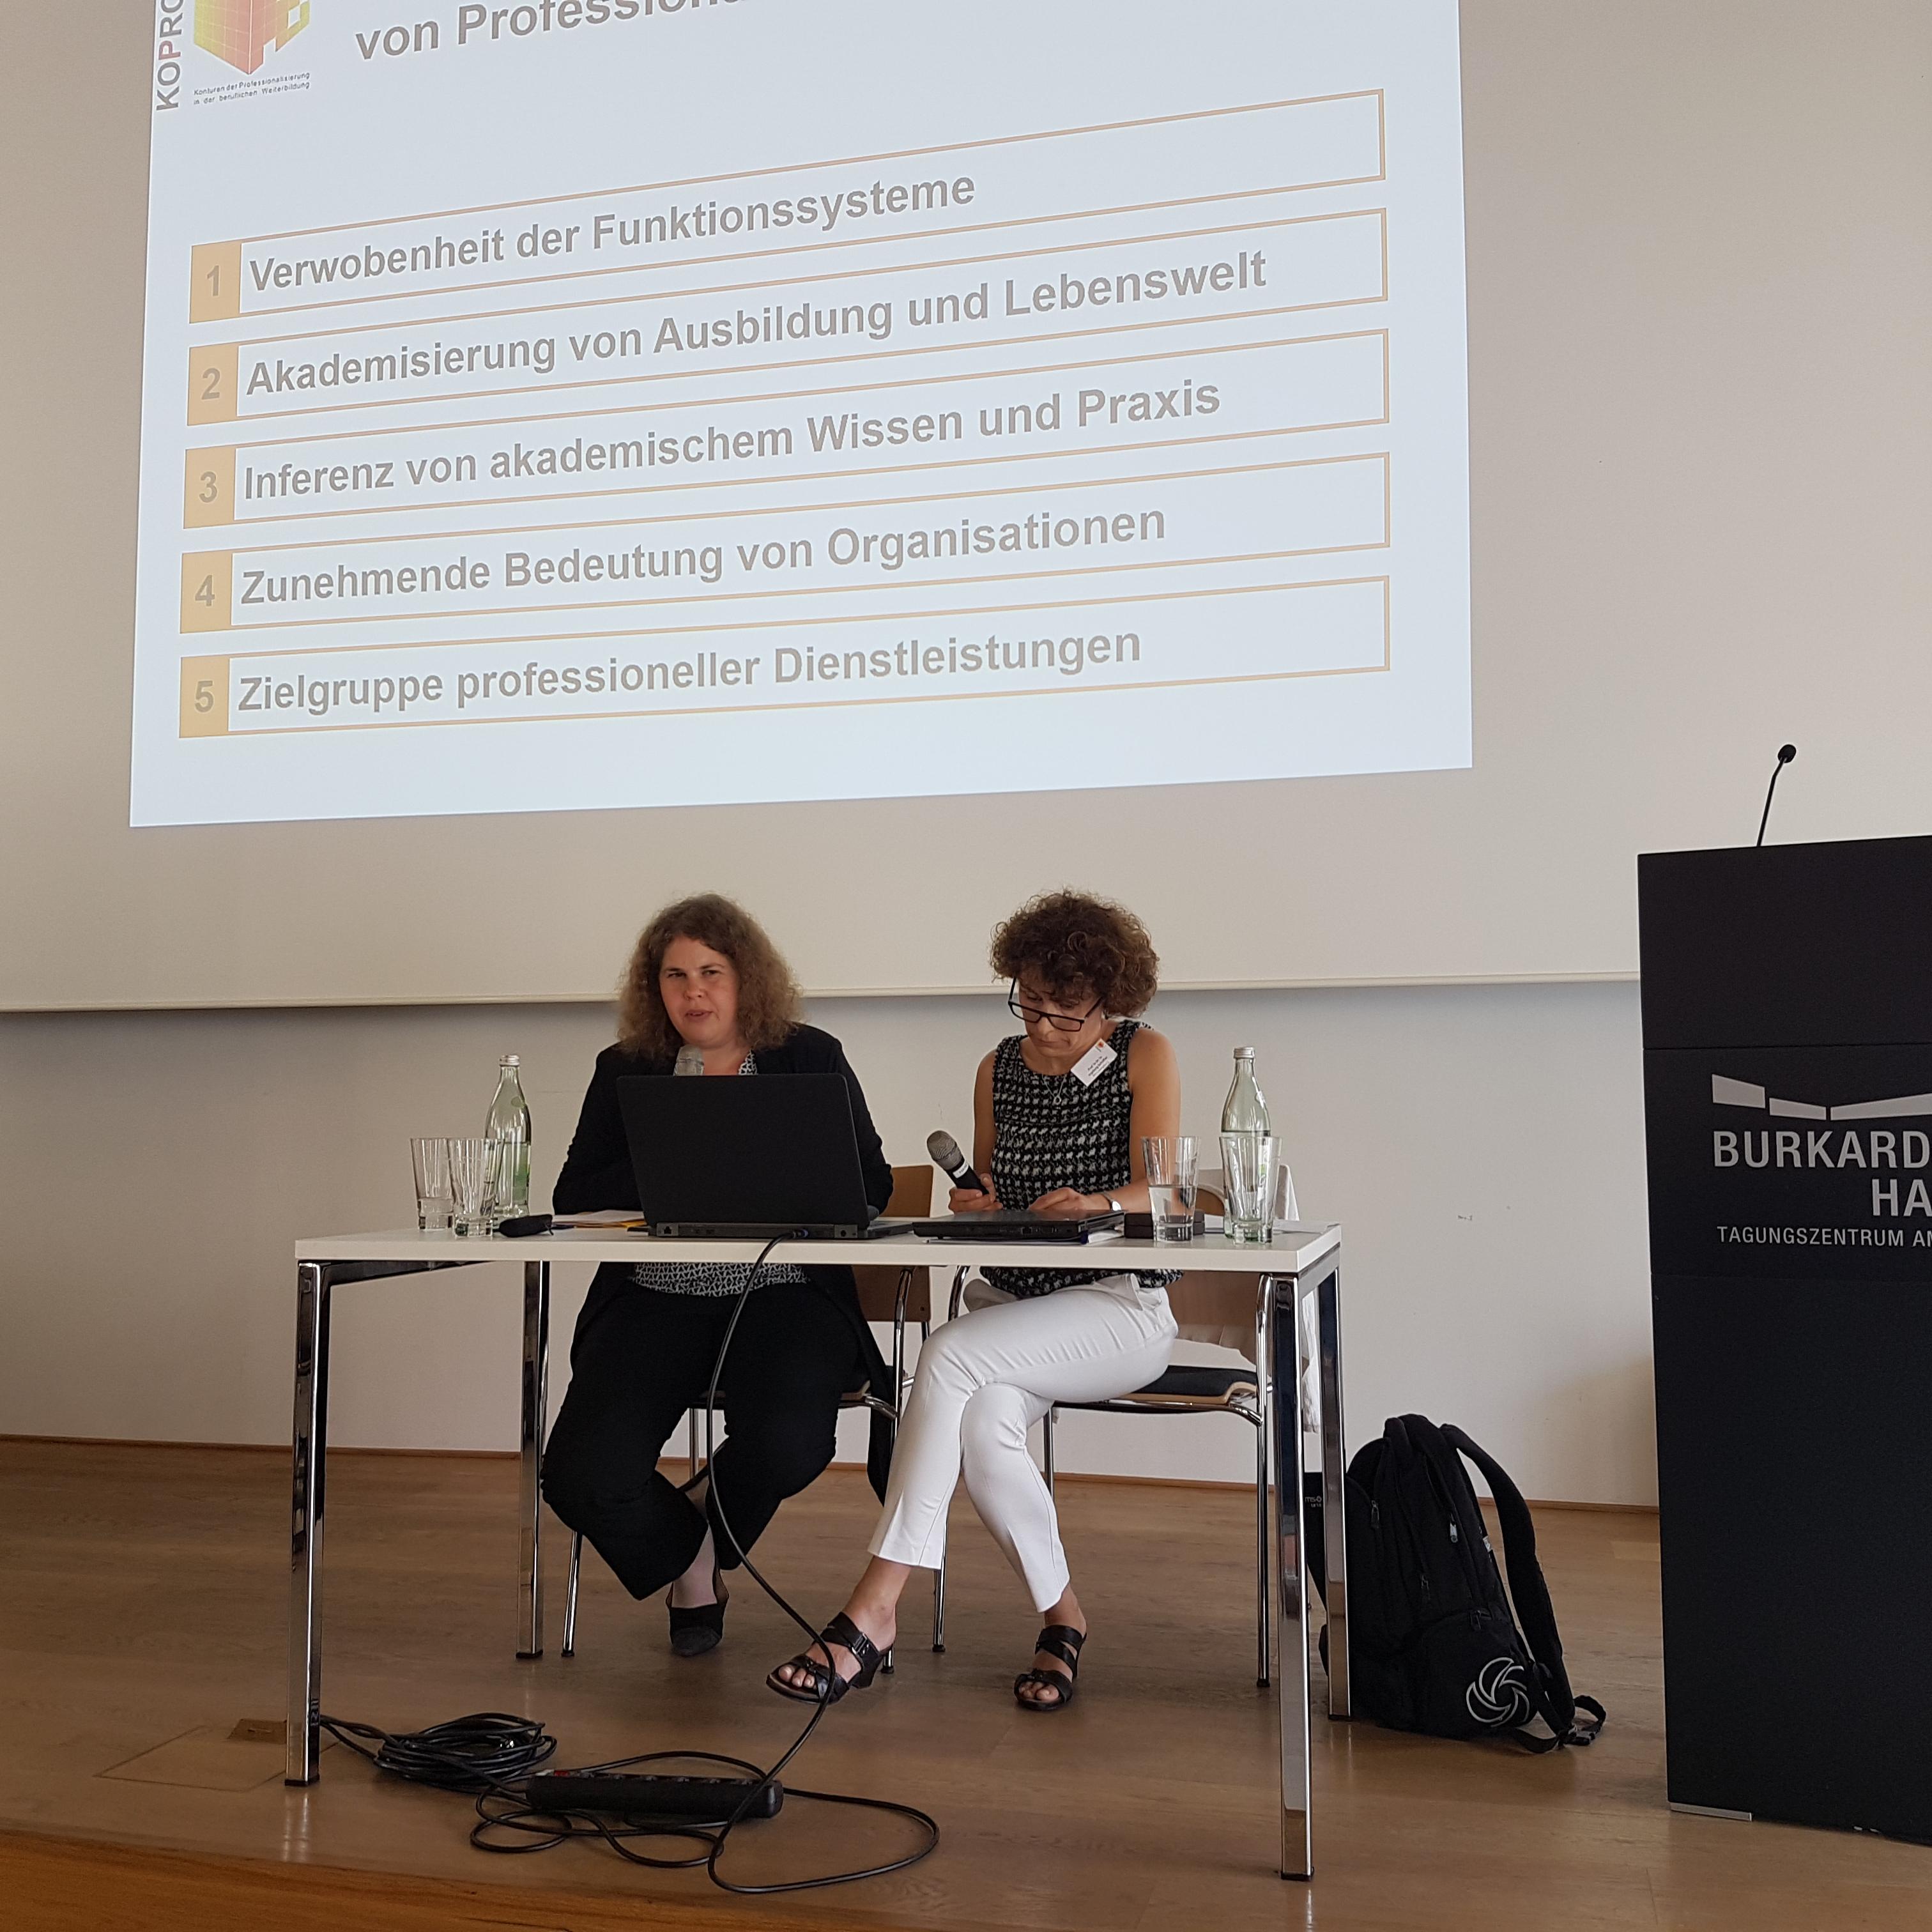 v.l. Prof.'in Regina Egetenmeyer und Prof.'in Ingeborg Schüßler bei der Einführung